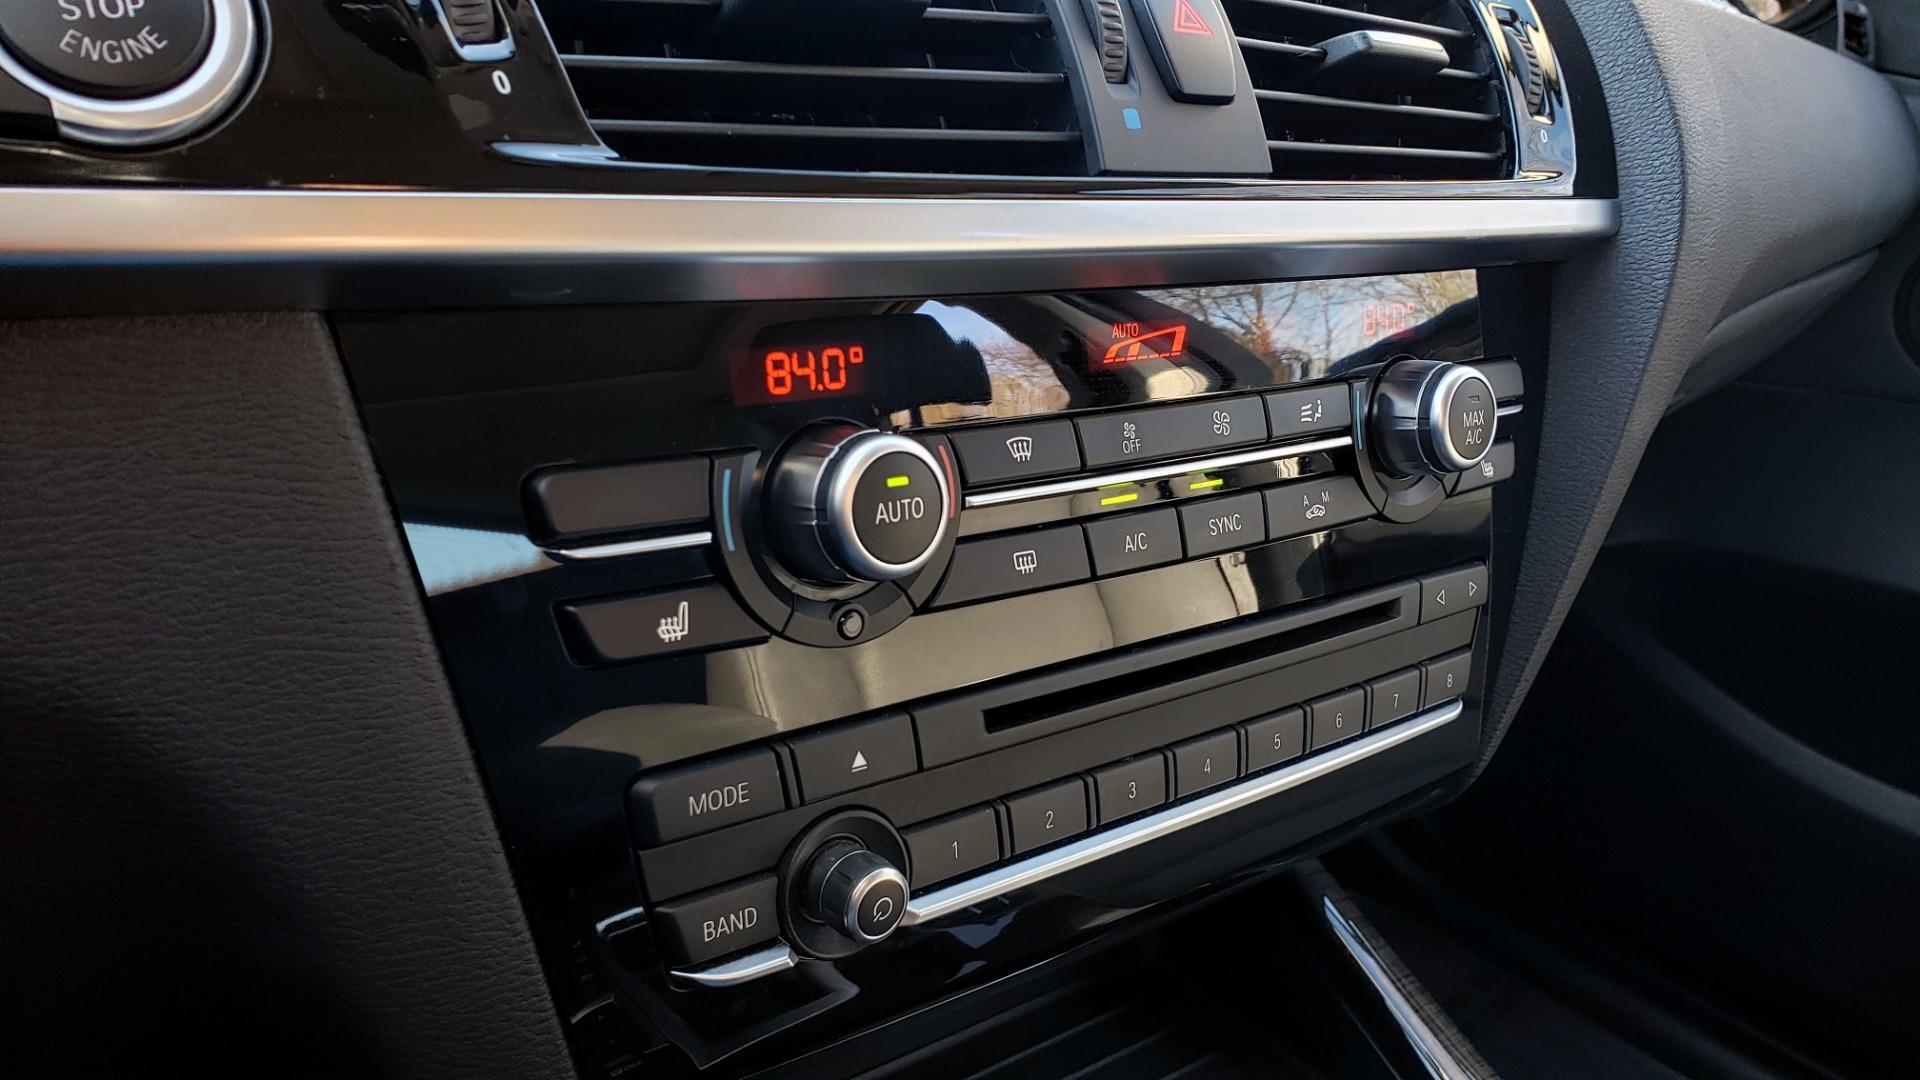 Used 2017 BMW X3 XDRIVE28I / PREM PKG / NAV / DRVR ASST / HTD STS / CAMERAS for sale Sold at Formula Imports in Charlotte NC 28227 60